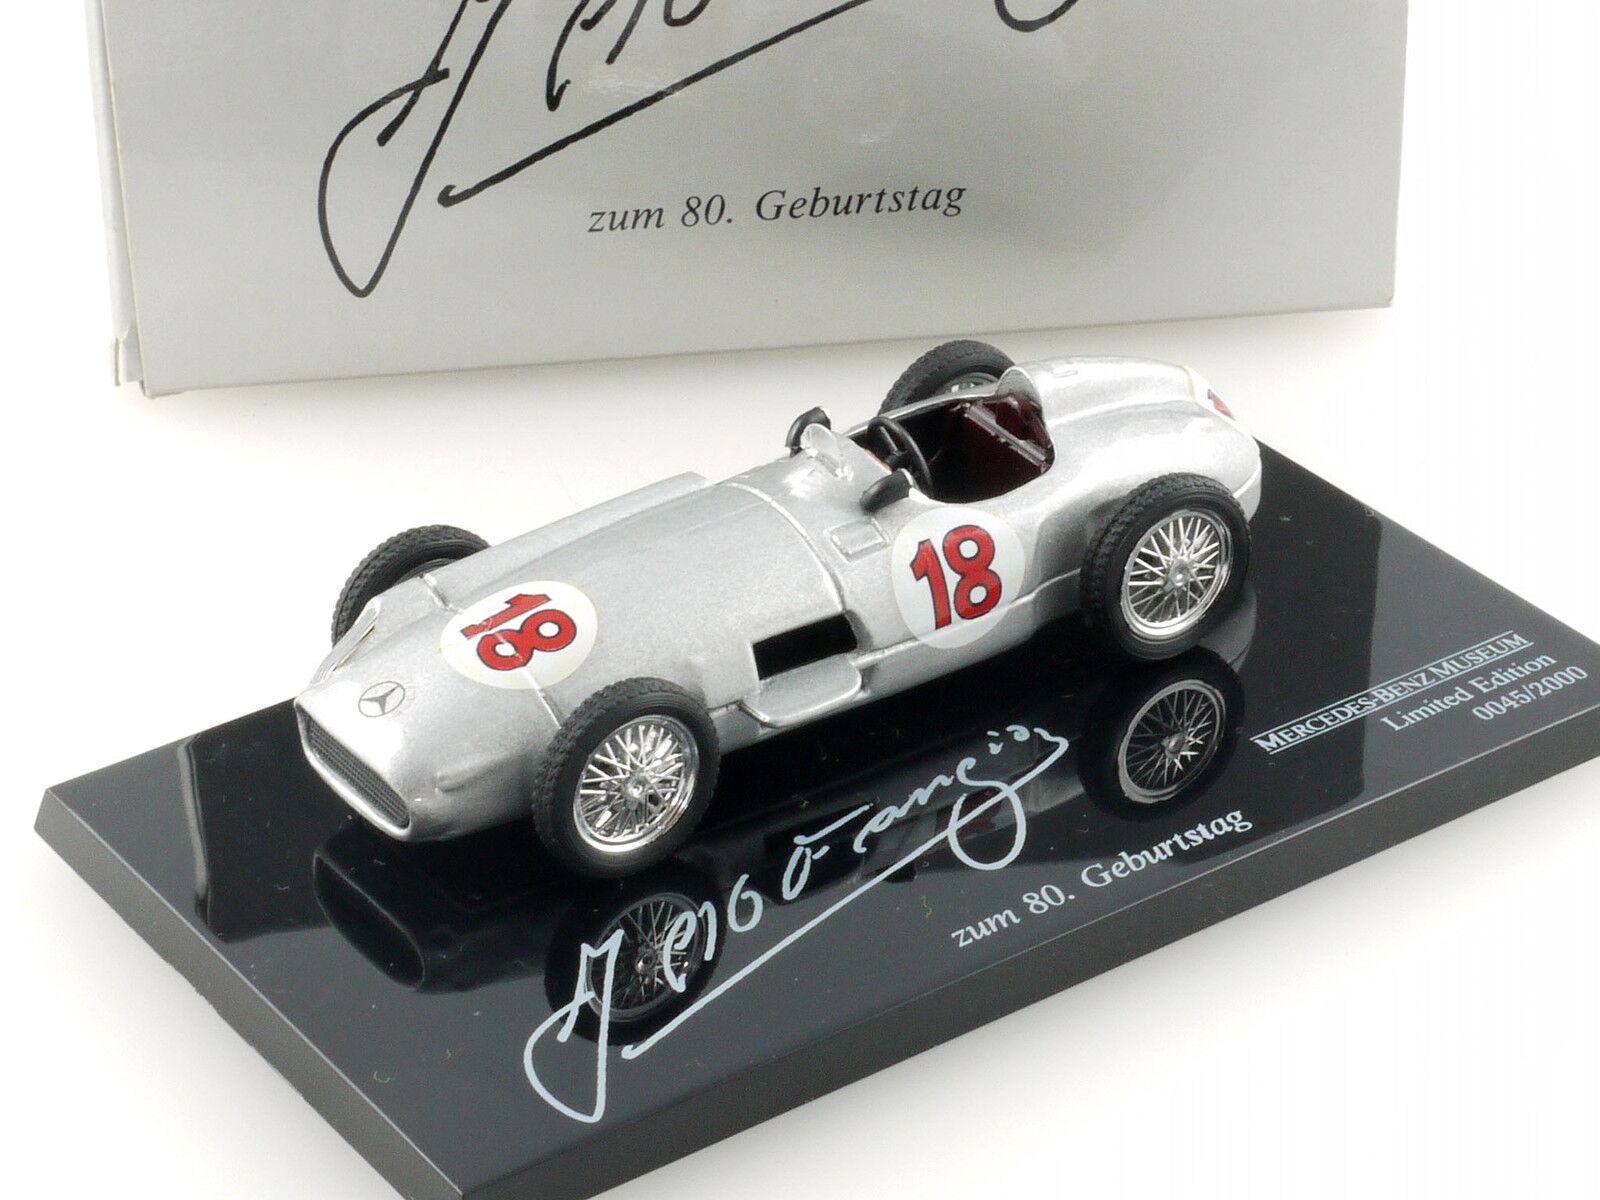 Brumm Mercedes MB W 196 J.M. fangio al 80. cumpleaños limitado OVP 1411-14-33